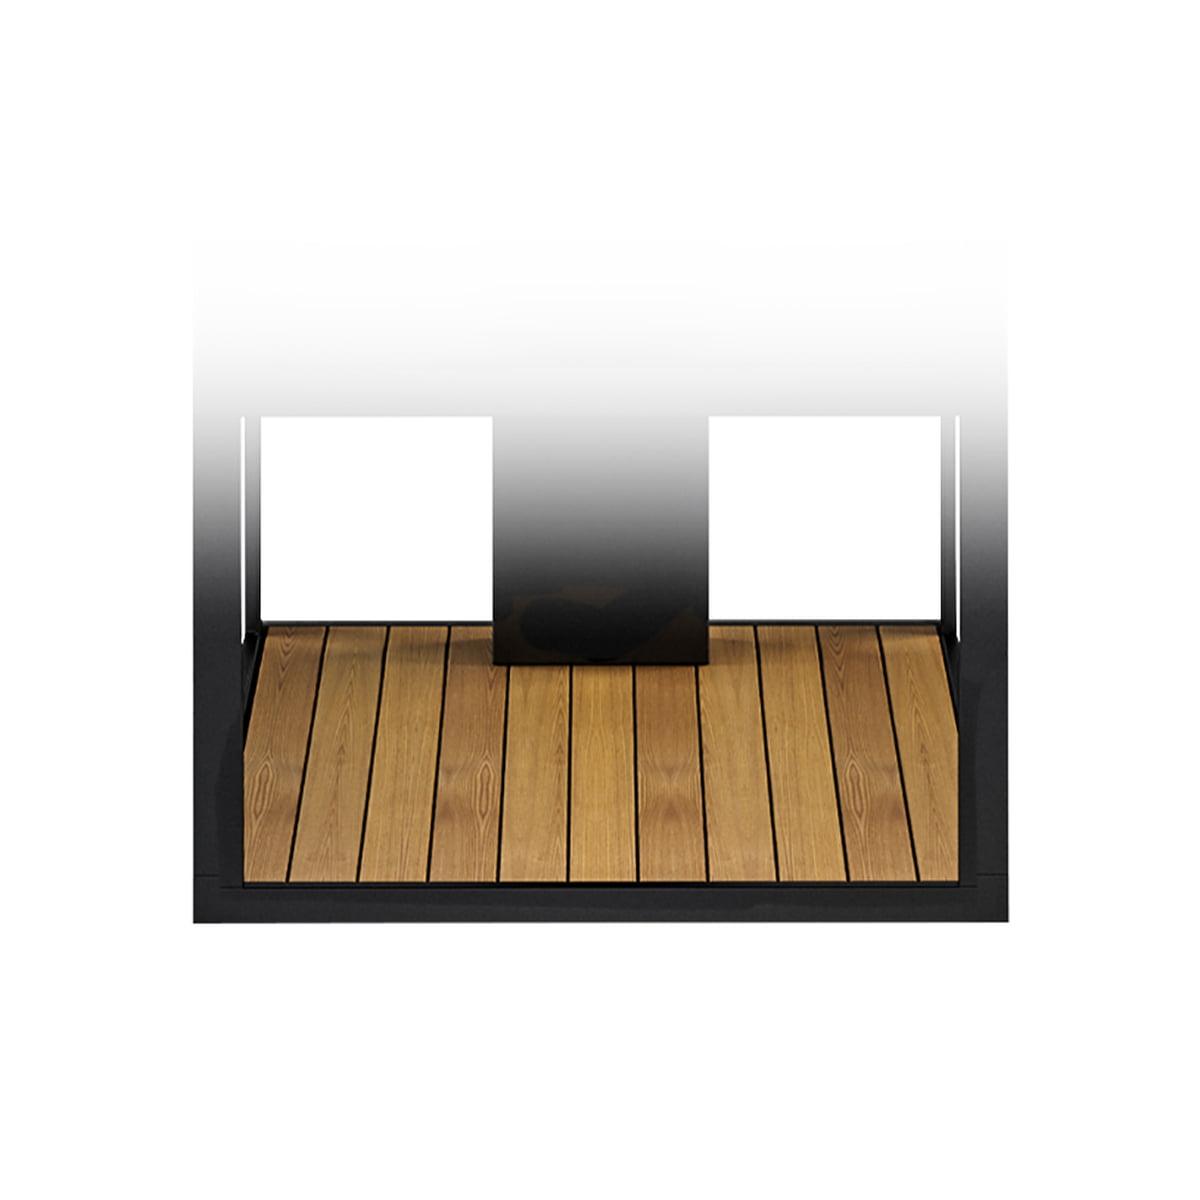 Roshults Teakboden Fur Open Kitchen 50 Bbq Kombi Und Sideboard